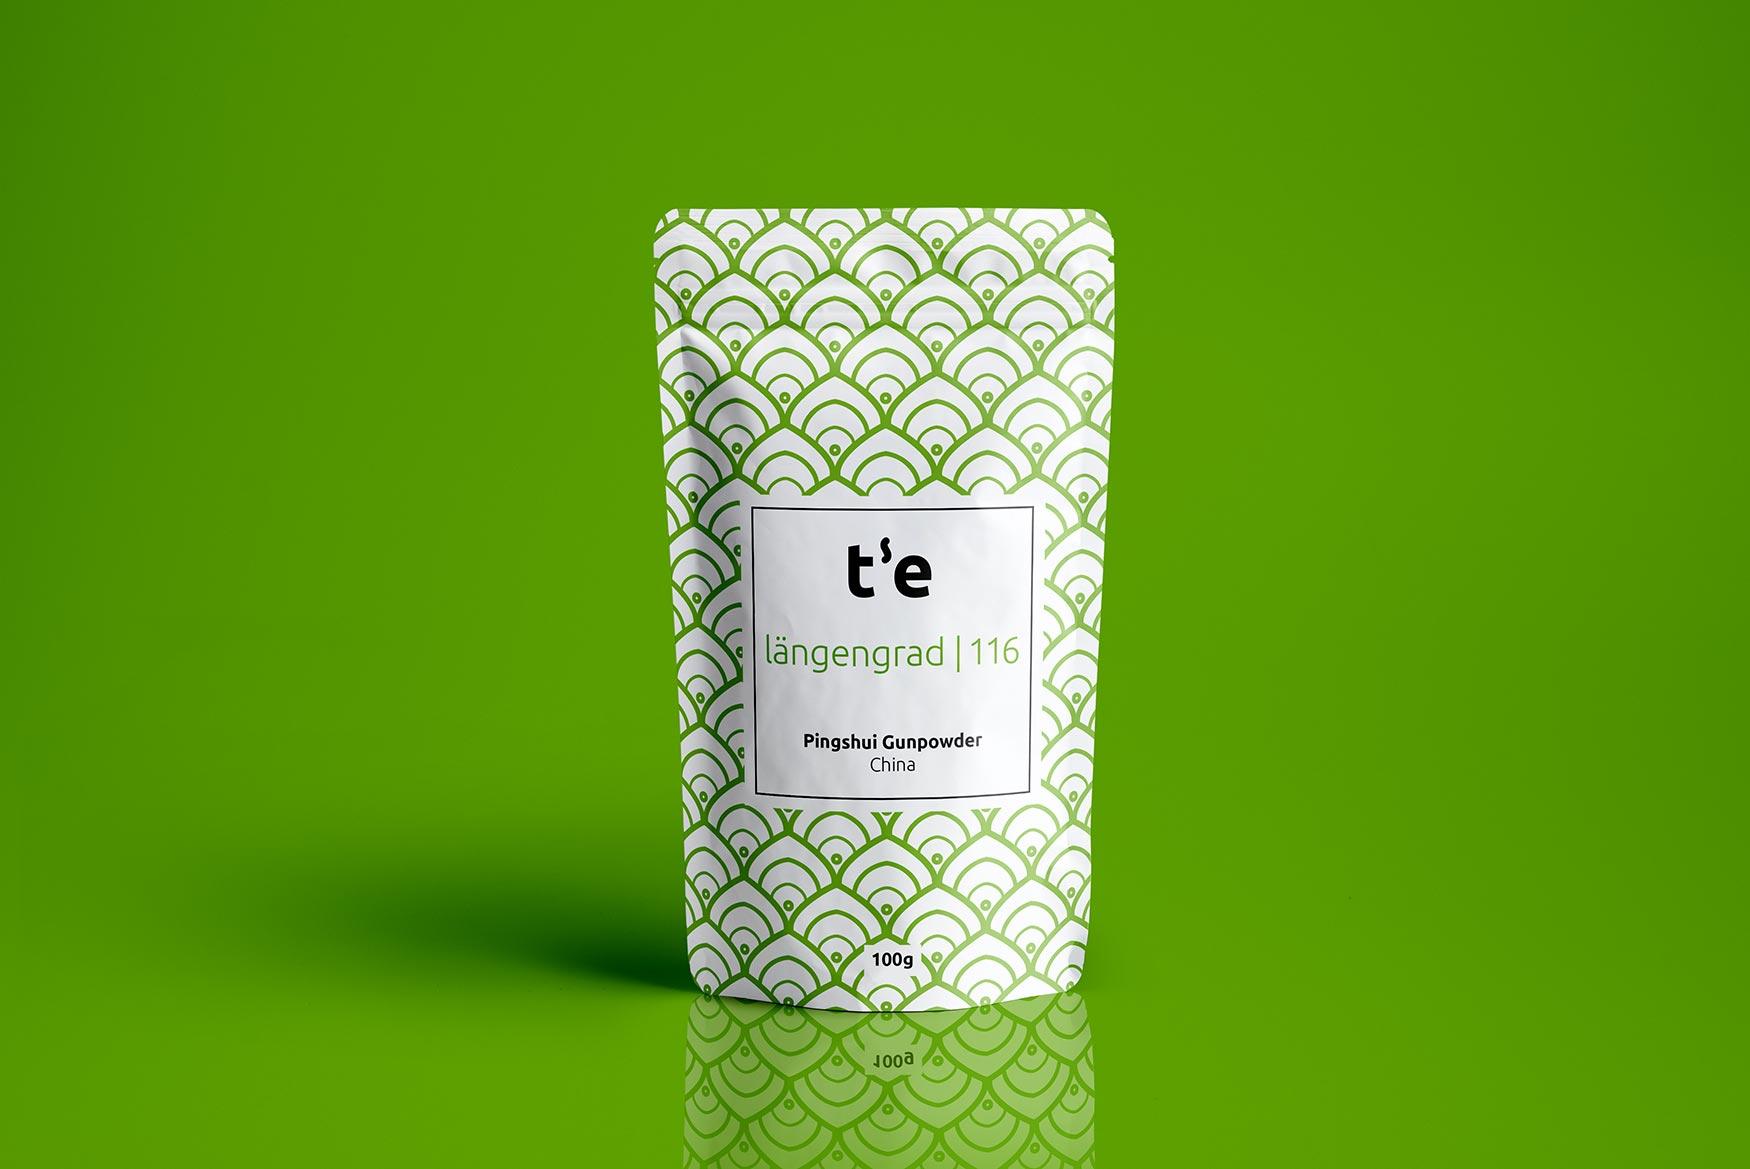 Verpackungdesign-Tee-6-Designagentur-Stuttgart-Kreativbetrieb